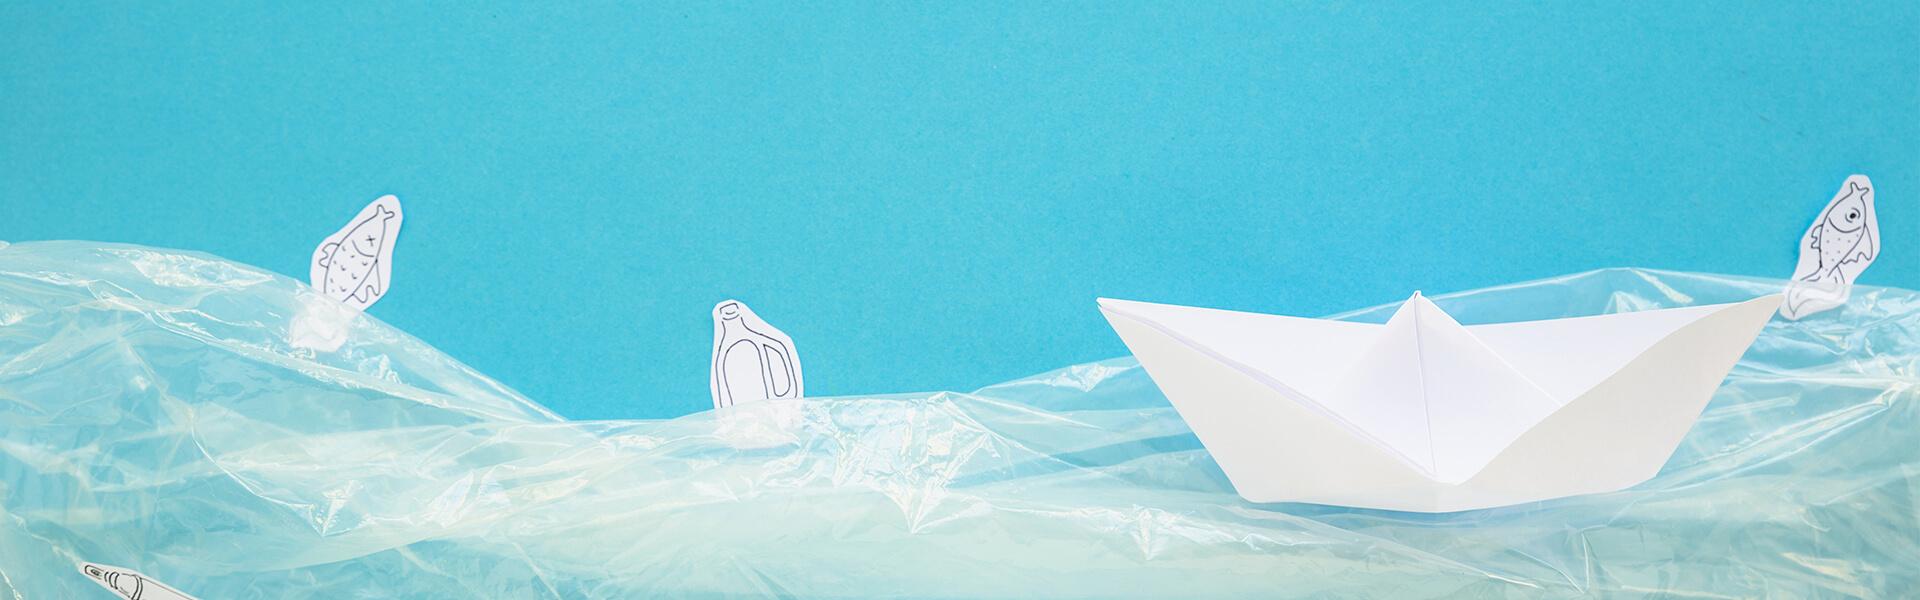 экологическая картонная упаковка